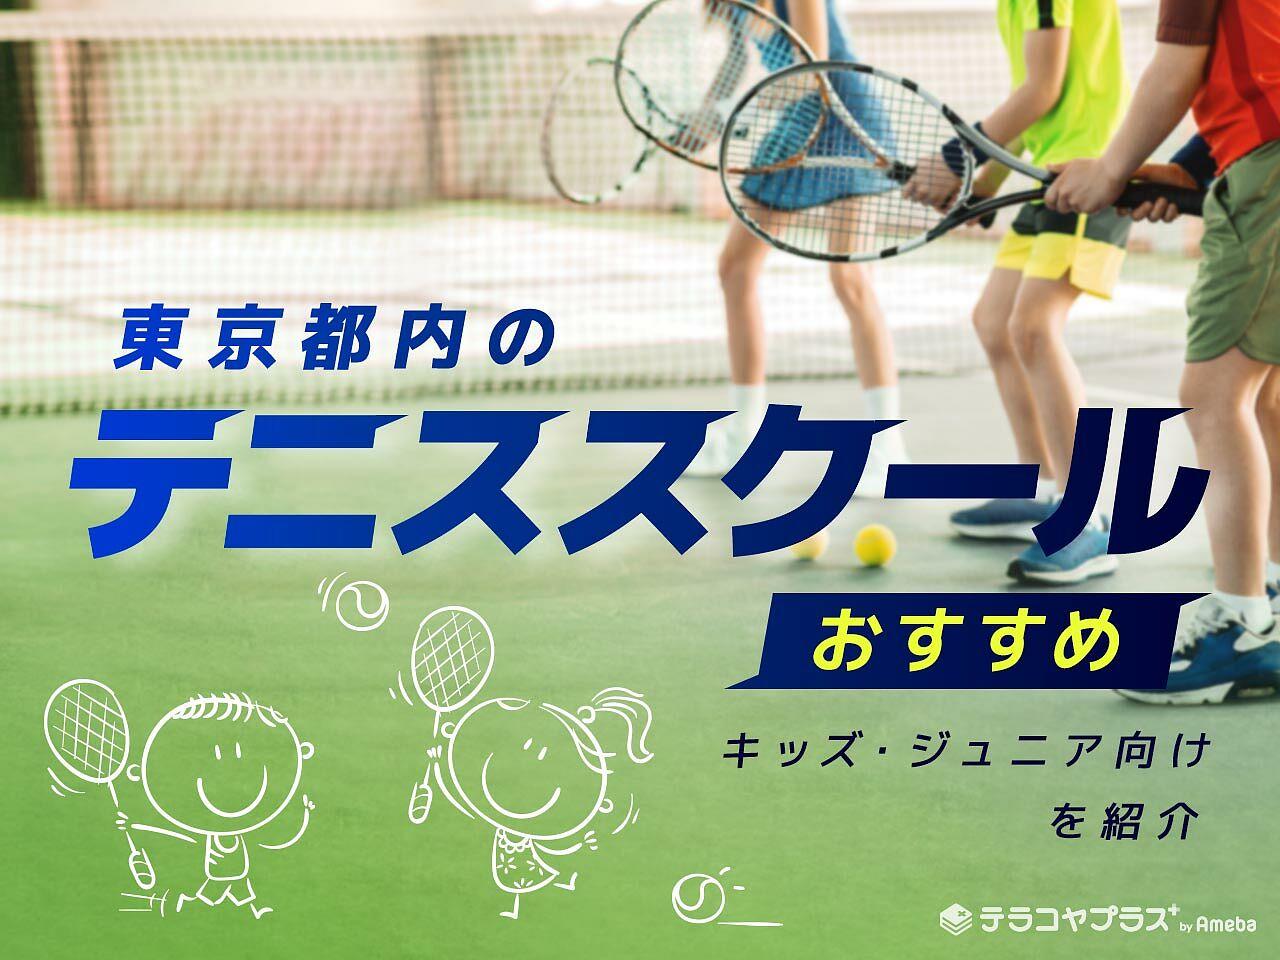 東京都内のテニススクールおすすめ20選【2021年】キッズ・ジュニア向けの画像